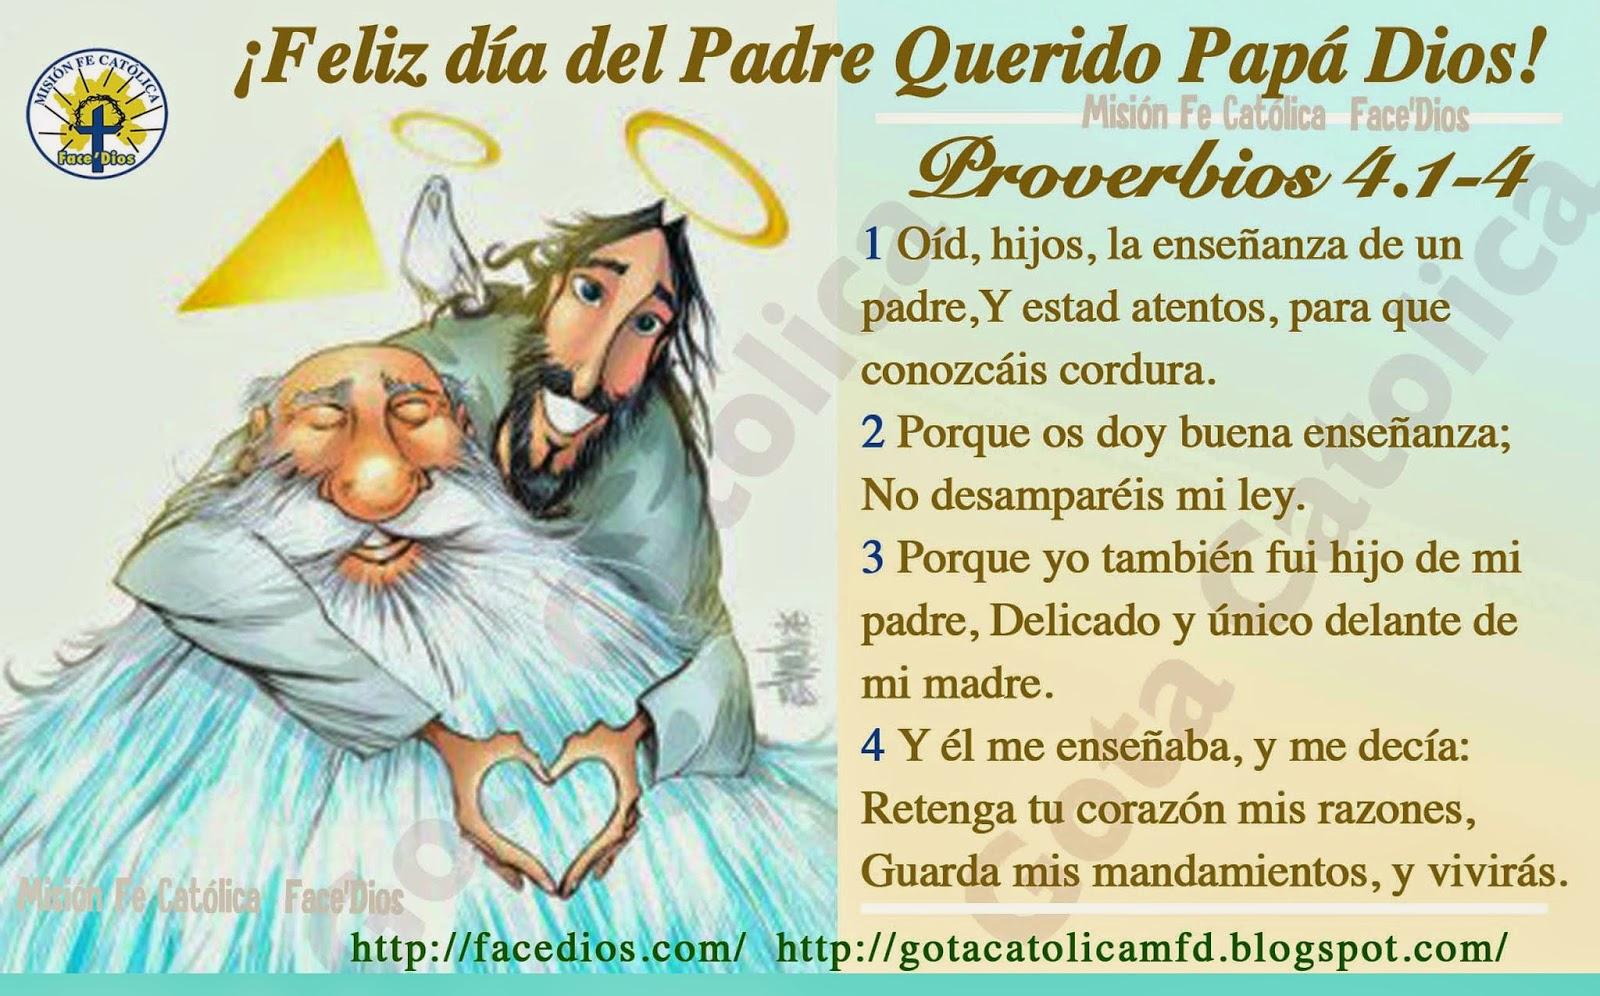 Gota Católica Gotas De Dios Feliz Día Del Padre Querido